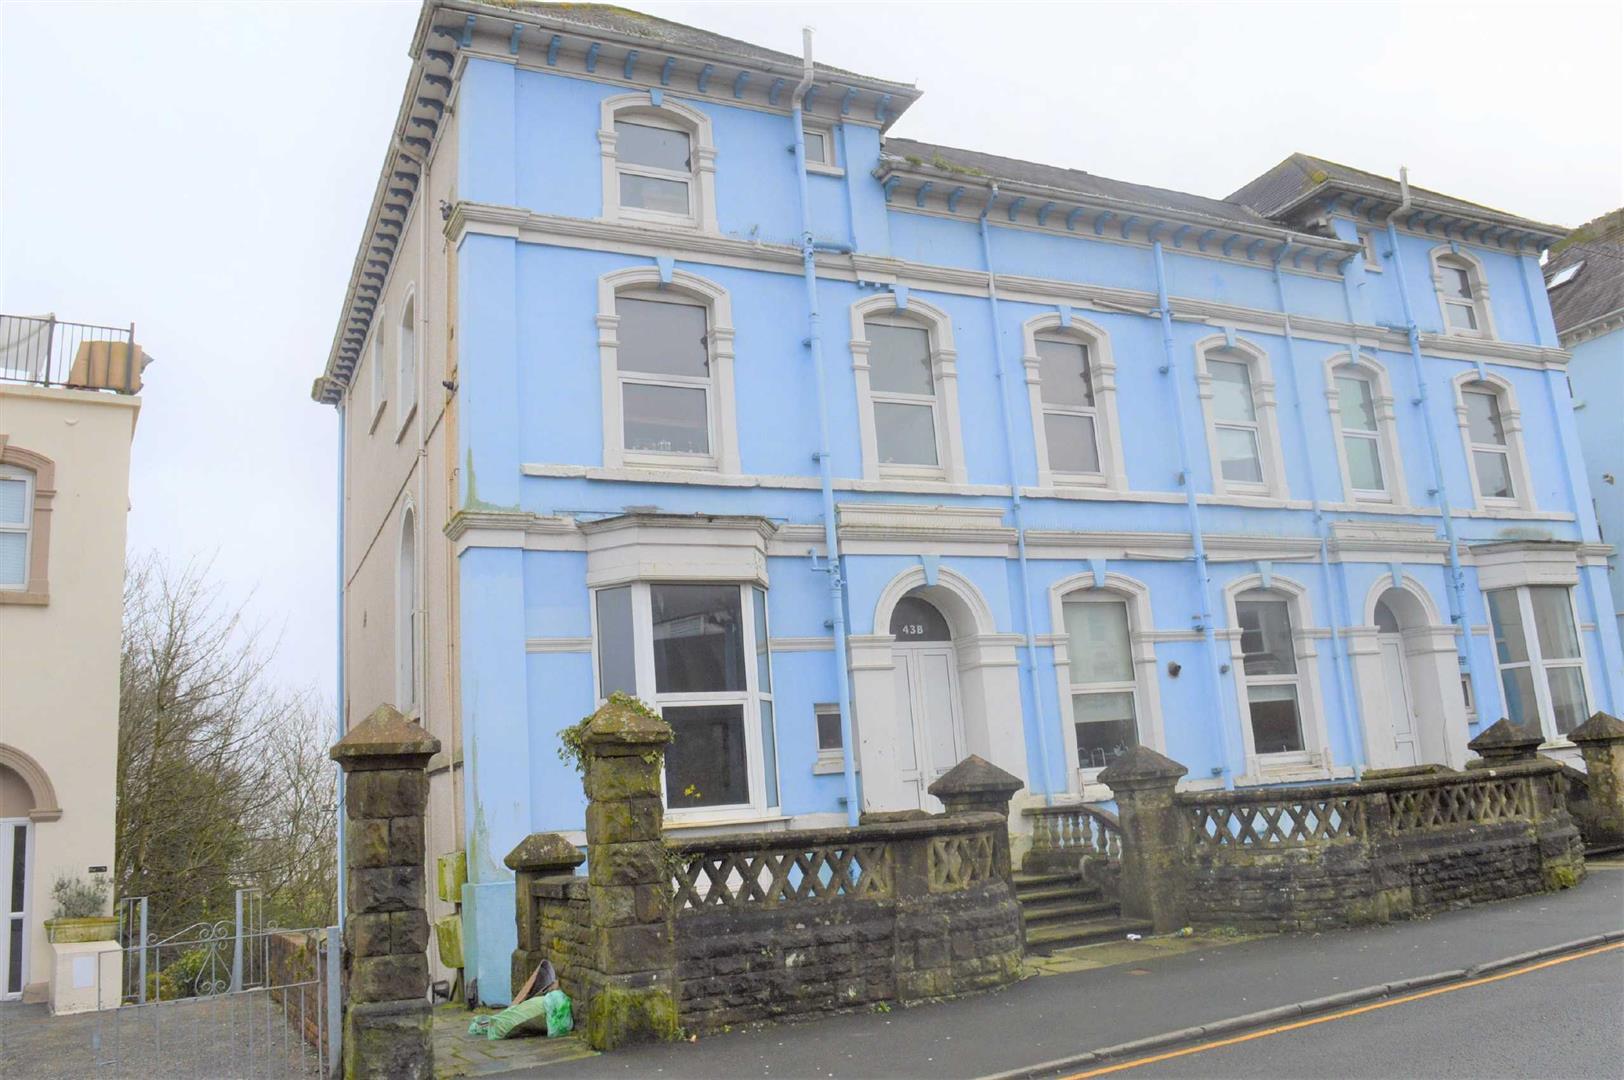 Bryn Road, Brynmill, Swansea, SA2 0AP